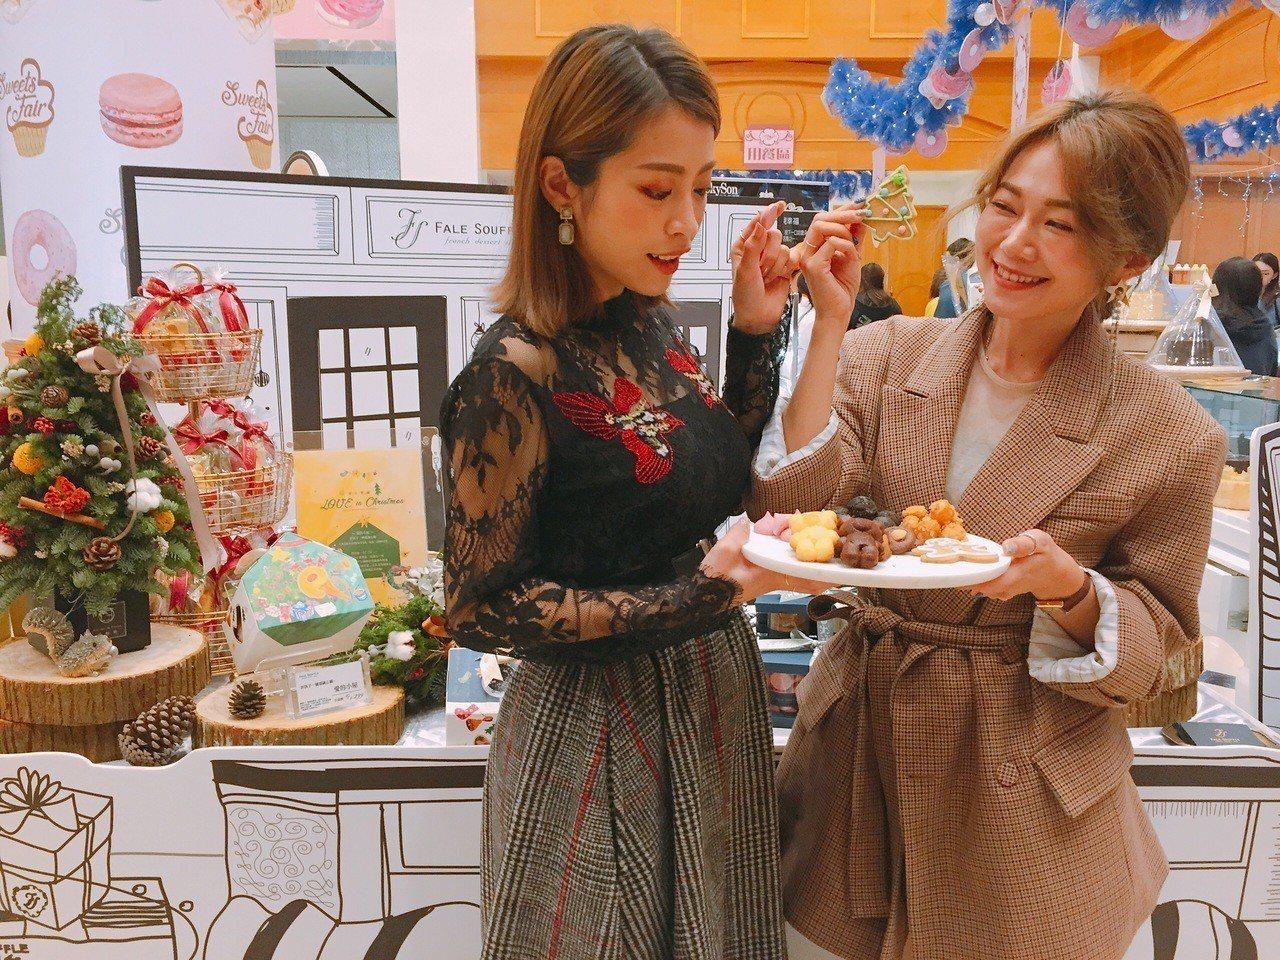 中友百貨「夢幻甜點美食展」今登場。記者趙容萱/攝影